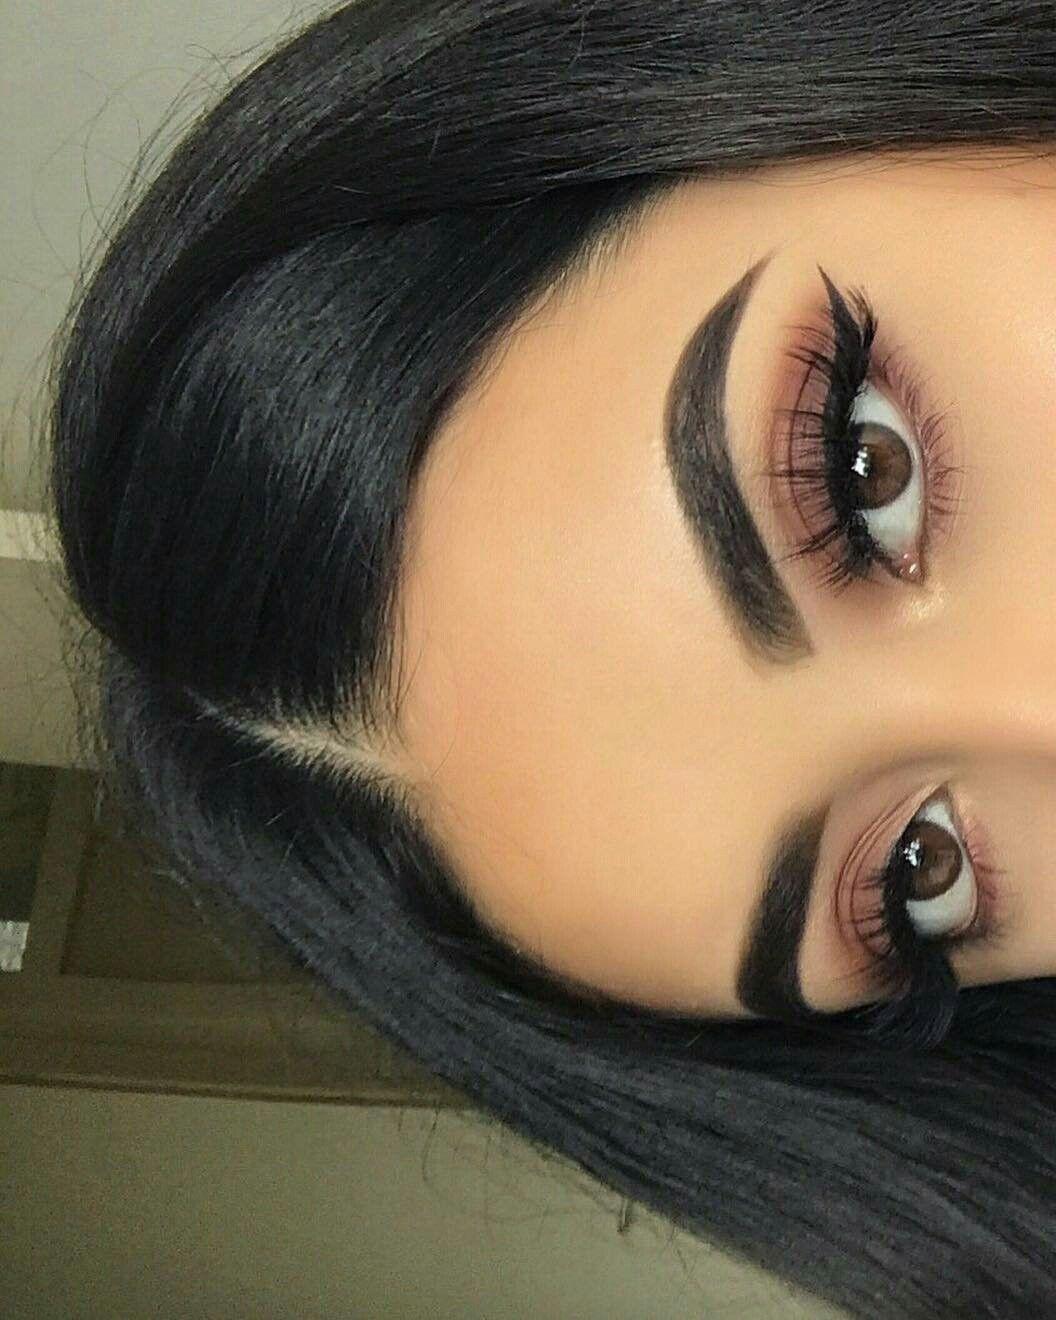 Pin by Sarah on Eyes | Makeup inspo, Eye Makeup, Makeup looks